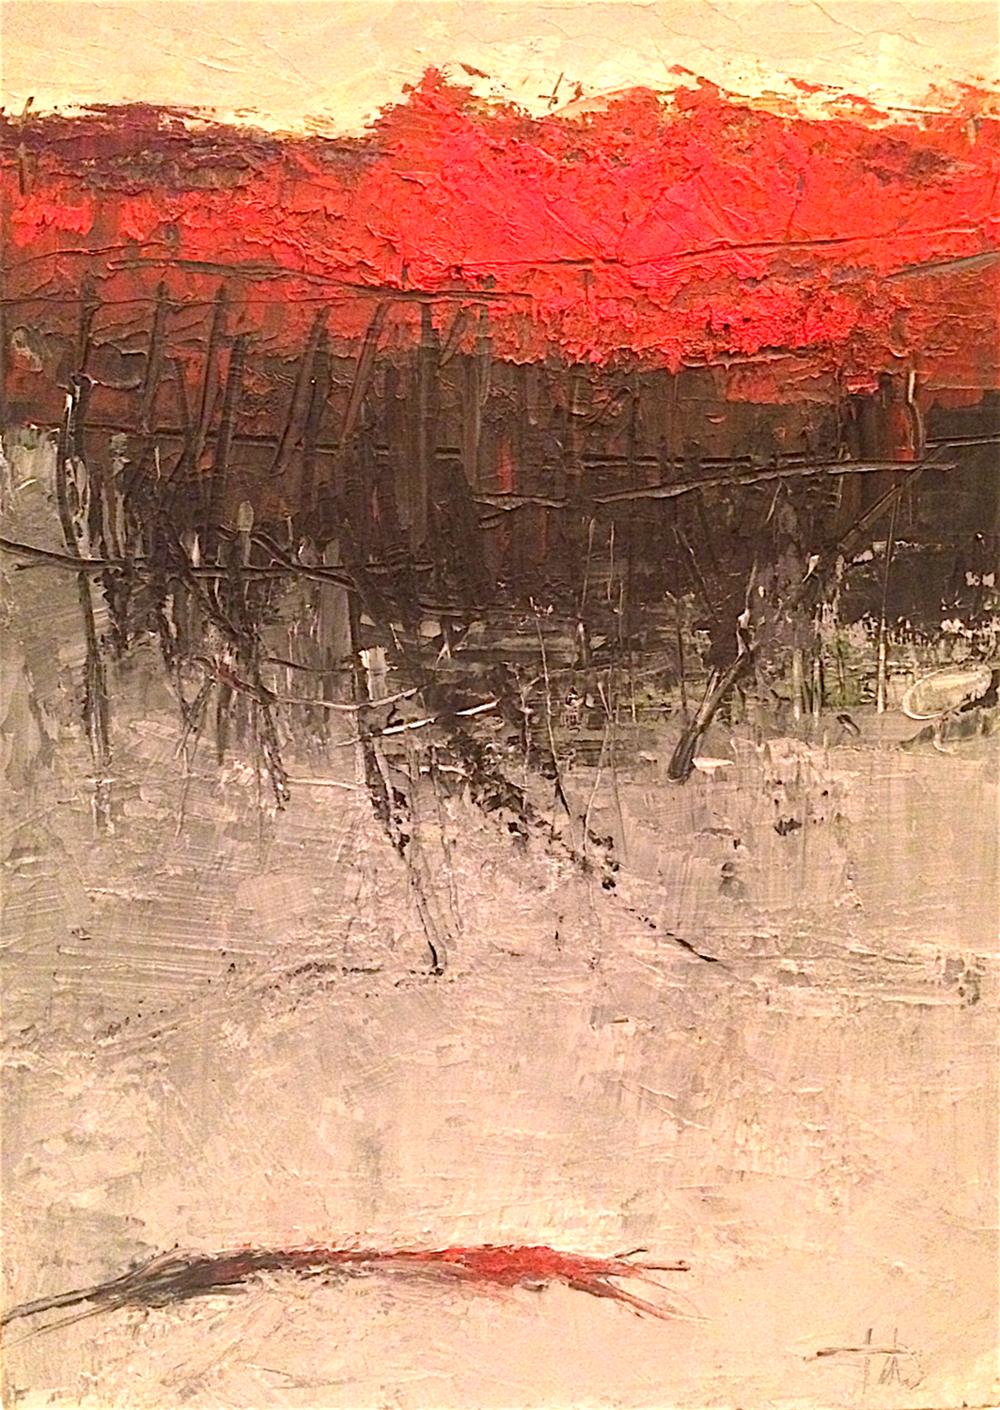 """Underground • Oil on canvas • 40 x 30"""" SOLD"""